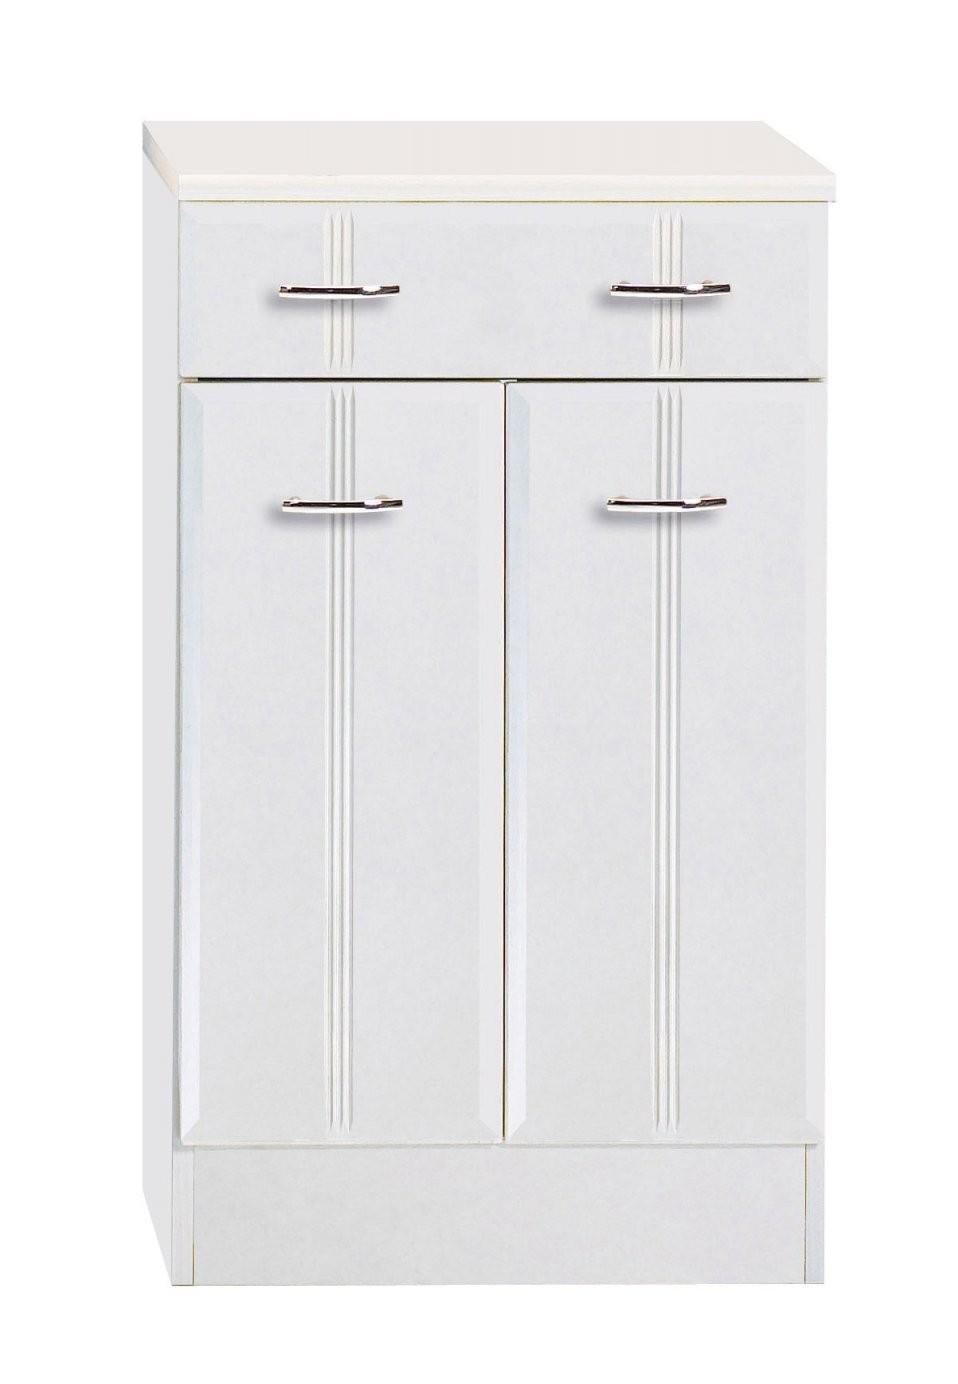 Badunterschrank Arta  2Türig 1 Schublade  50 Cm Breit  Weiß von Badezimmer Unterschrank 50 Cm Breit Photo